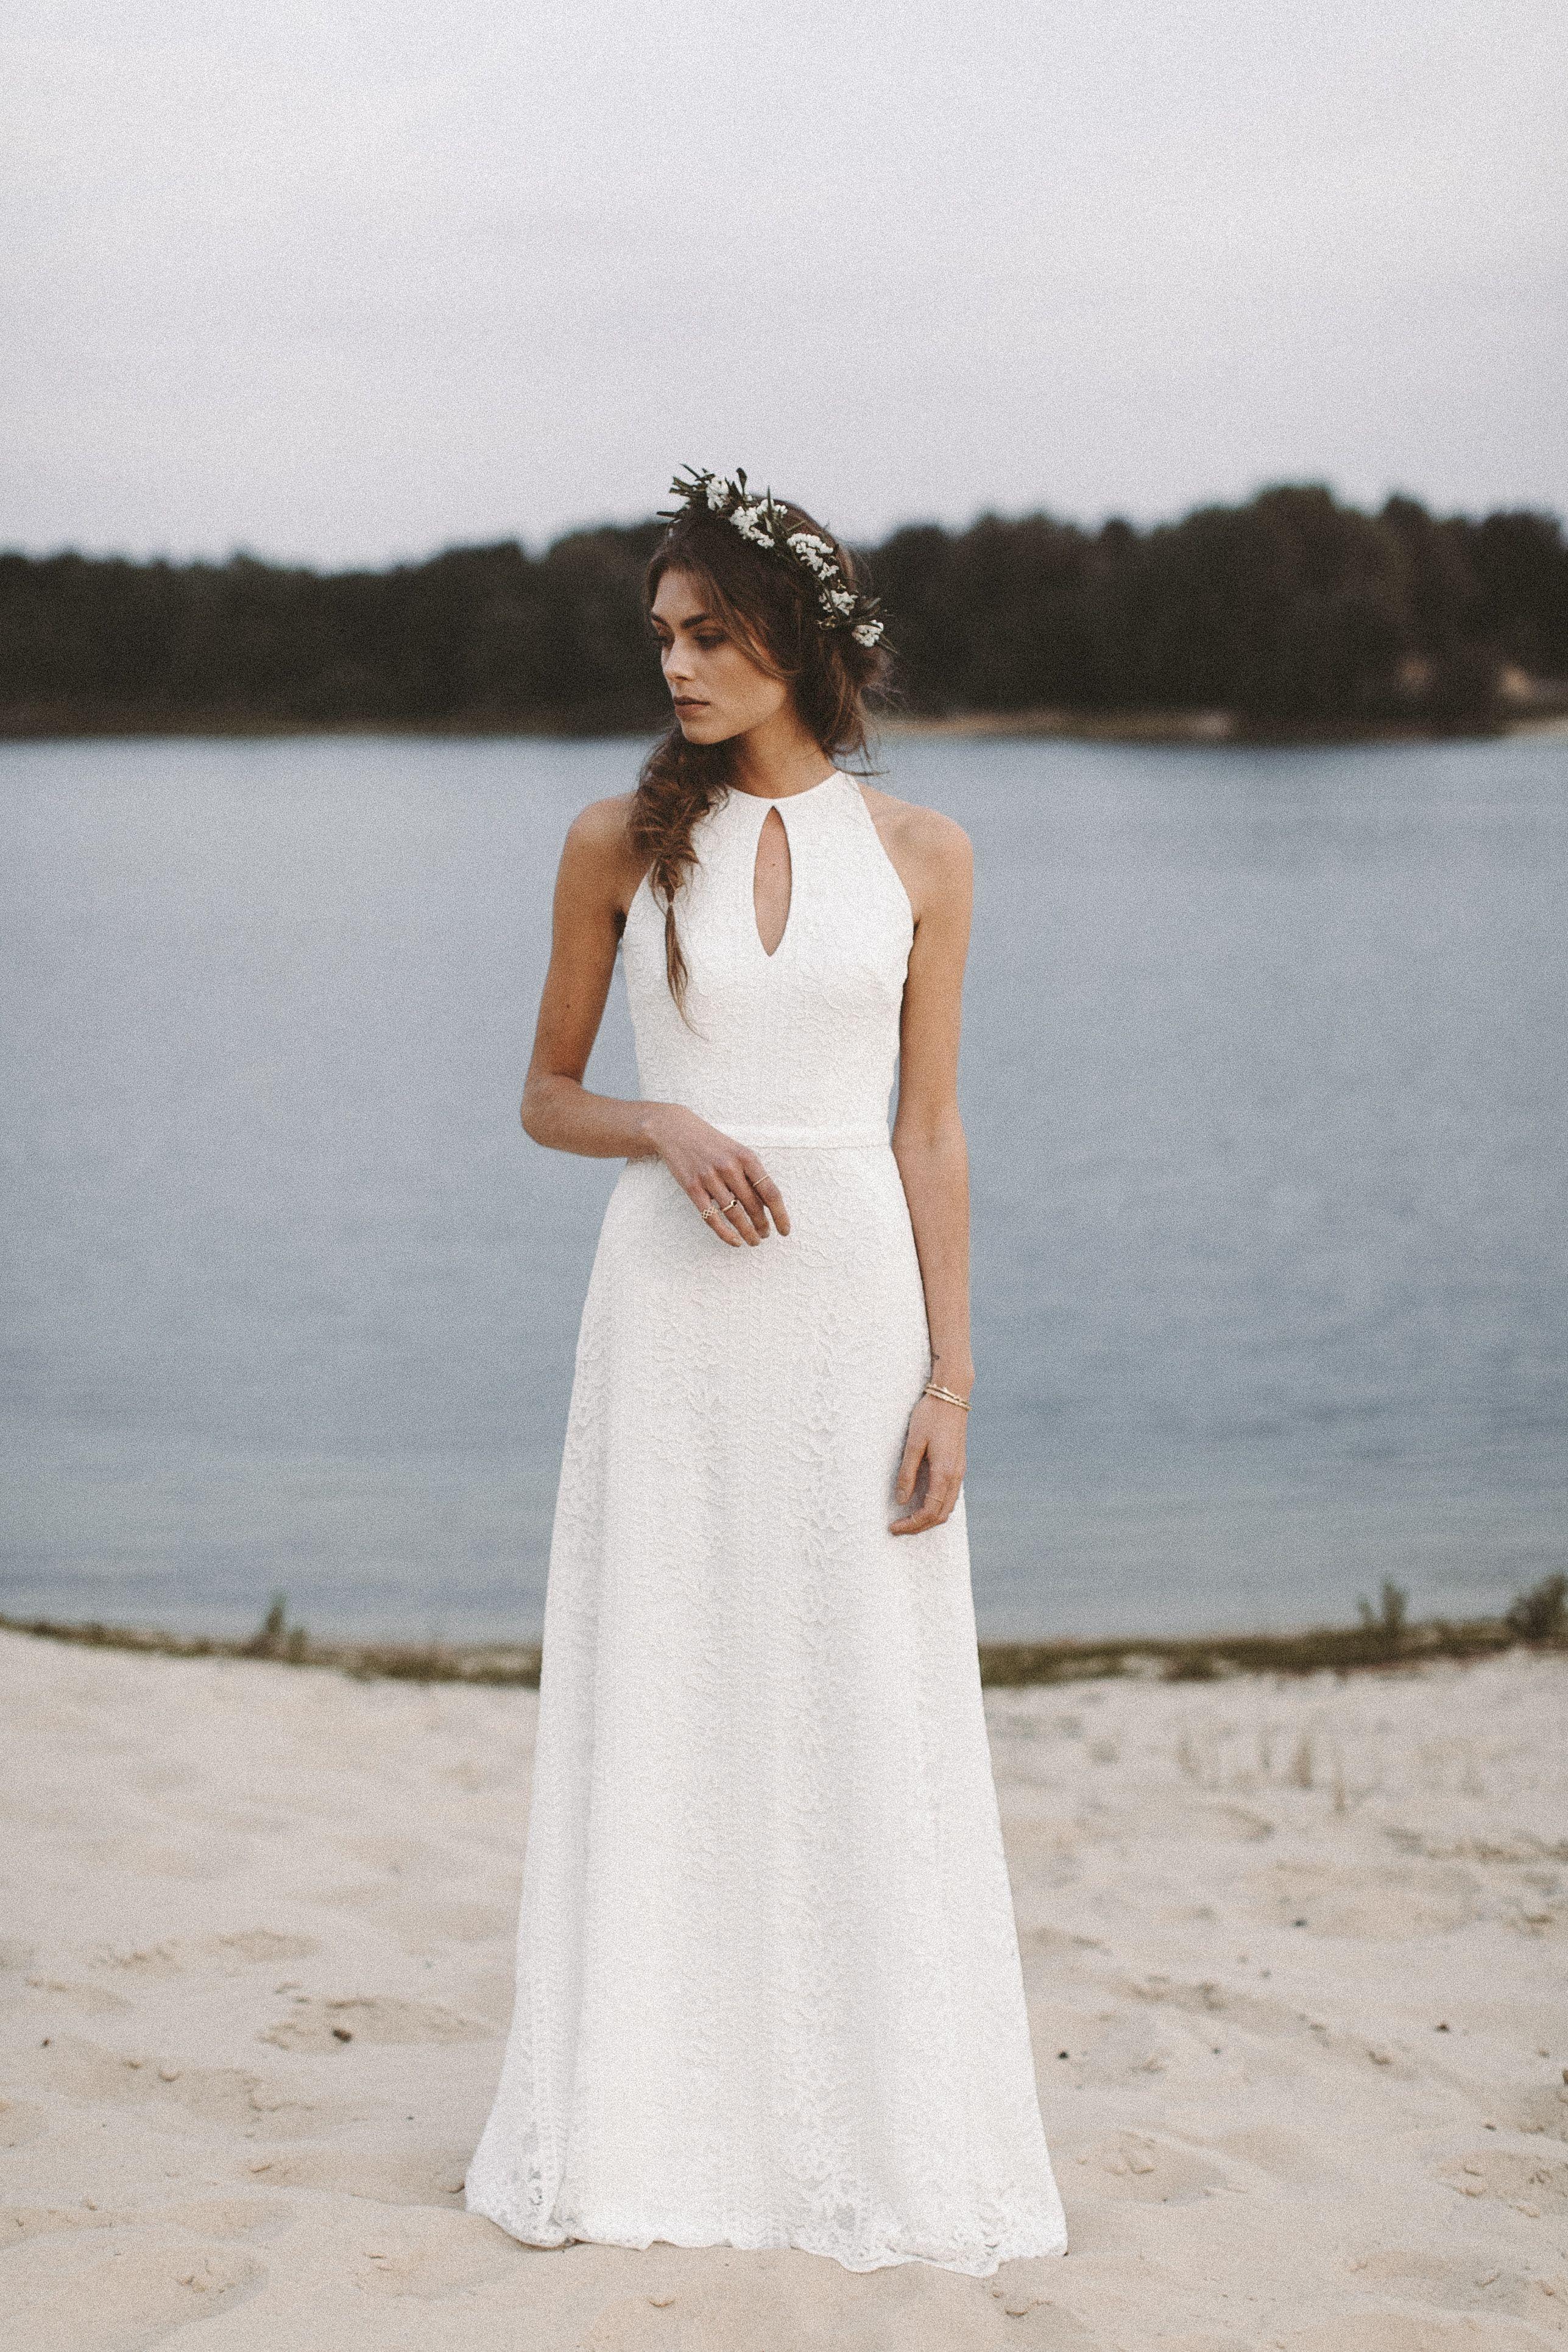 Brautkleid aus Spitze Vintage Hochzeitskleid Boho ...